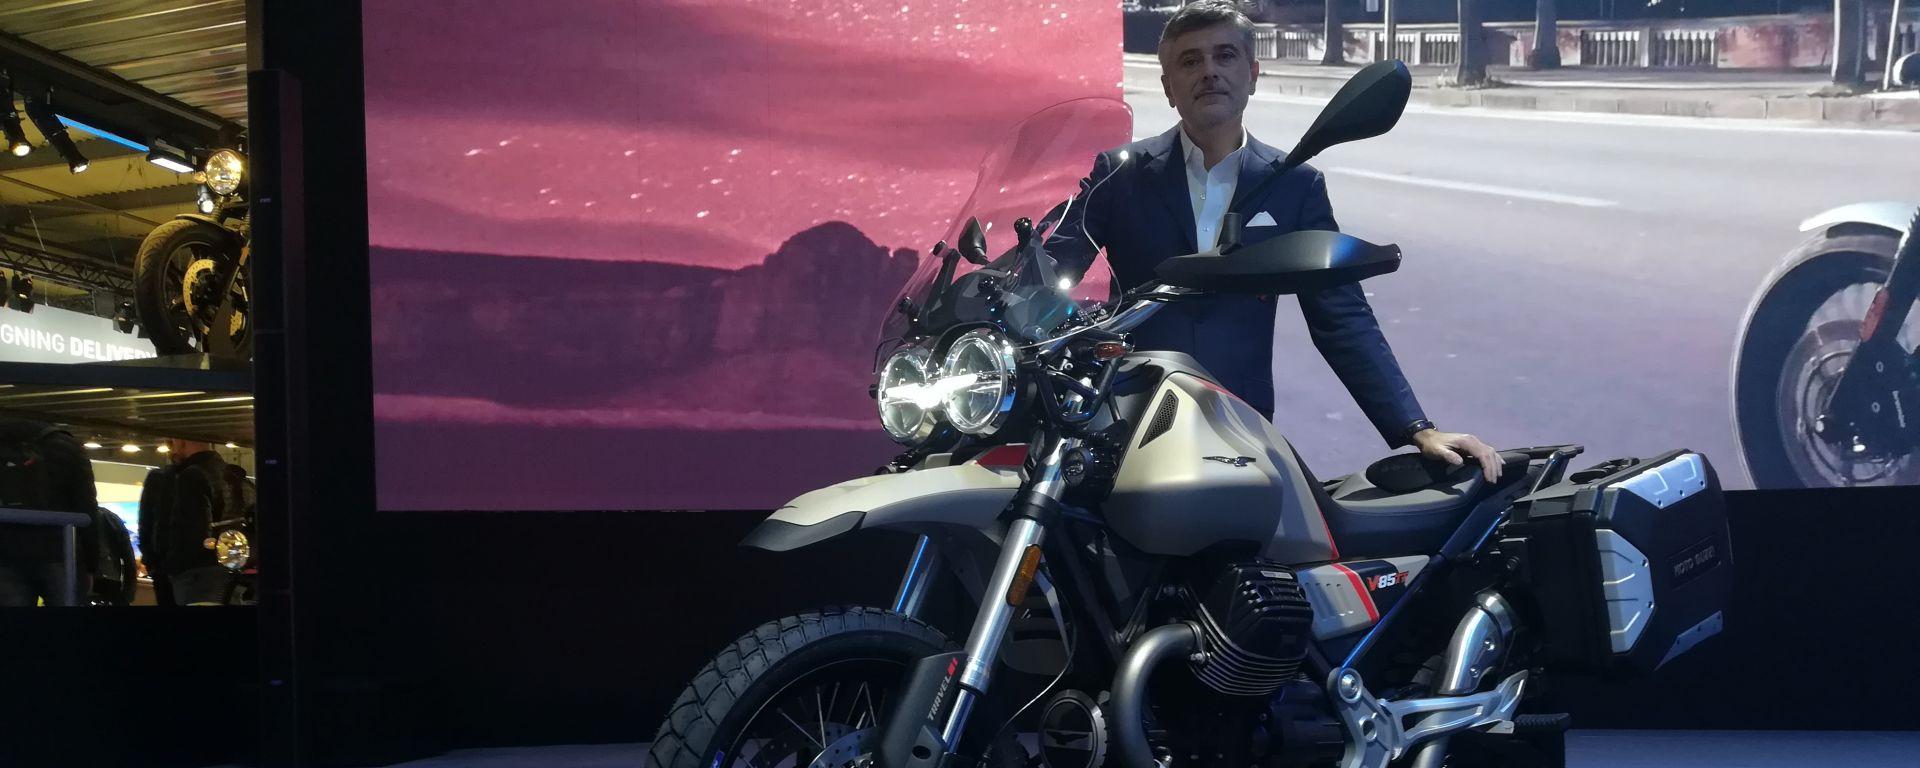 Eicma 2019, le novità allo stand Moto Guzzi